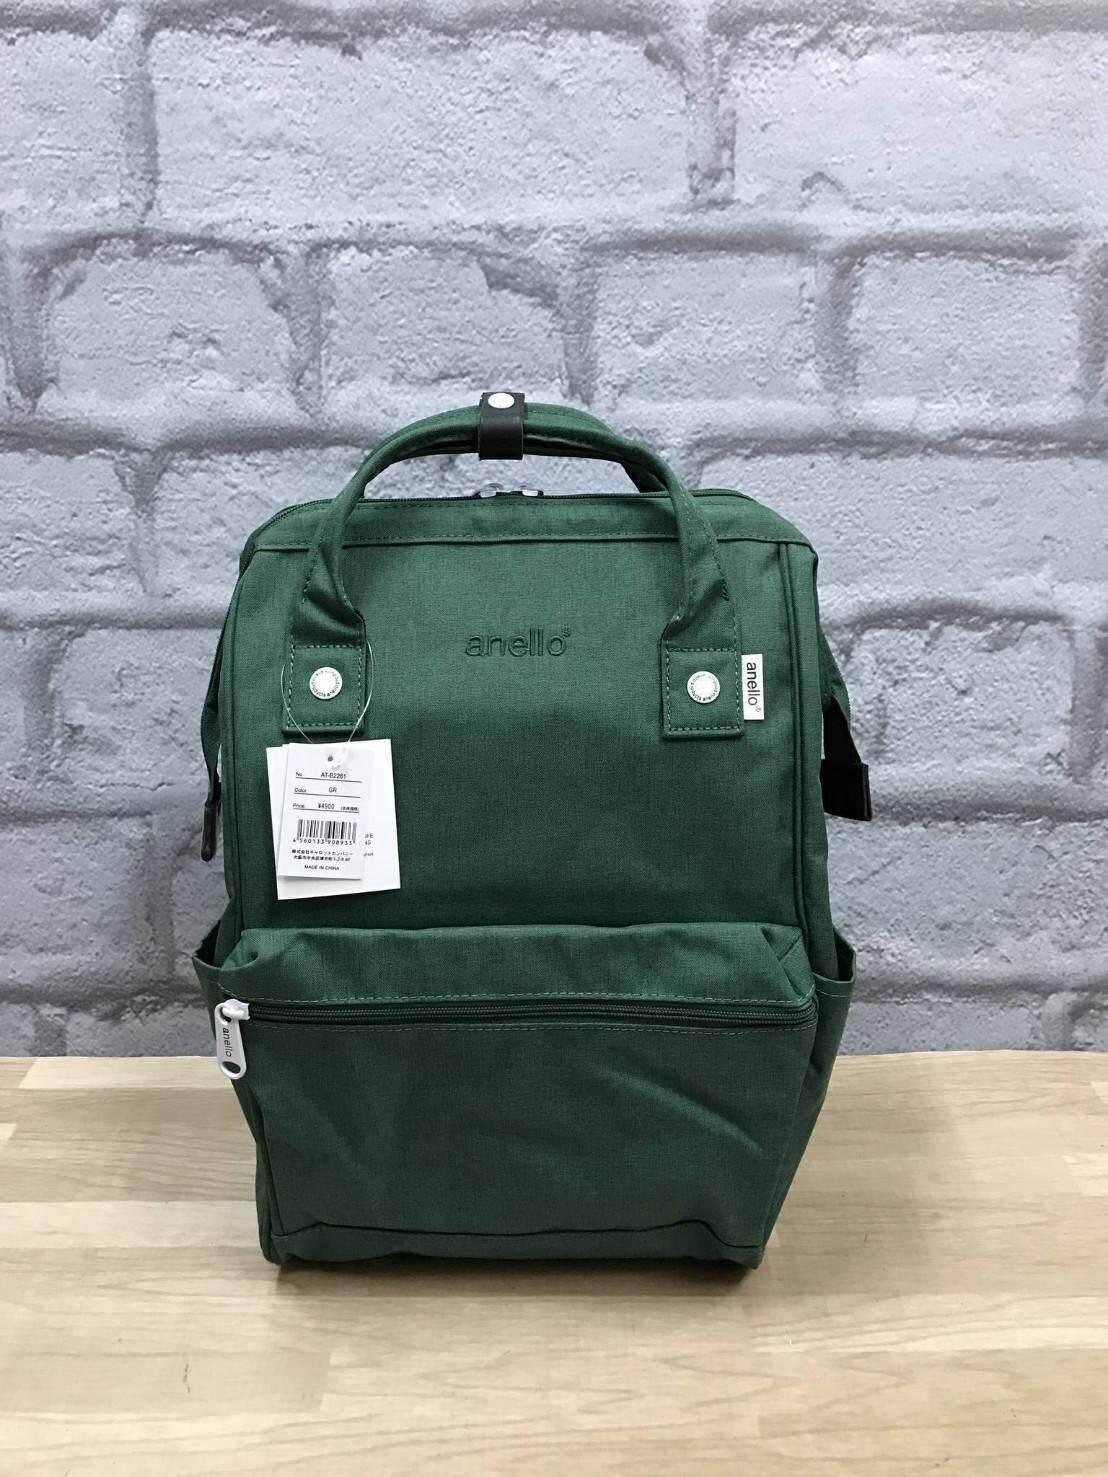 ยี่ห้อไหนดี  สมุทรสงคราม ANELLO ของแท้ 100% รุ่นใหม่ กระเป๋าเป้สะพายหลัง รุ่น Mottled Polyester Classic Backpack แบรนด์อเนลโล สุดฮิตจากญี่ปุ่น ขนาดเล็กกลางใหญ่พอดี สไตล์วินเทจ น่ารัก [คลาสสิค CLASSIC และมินิ MINI]